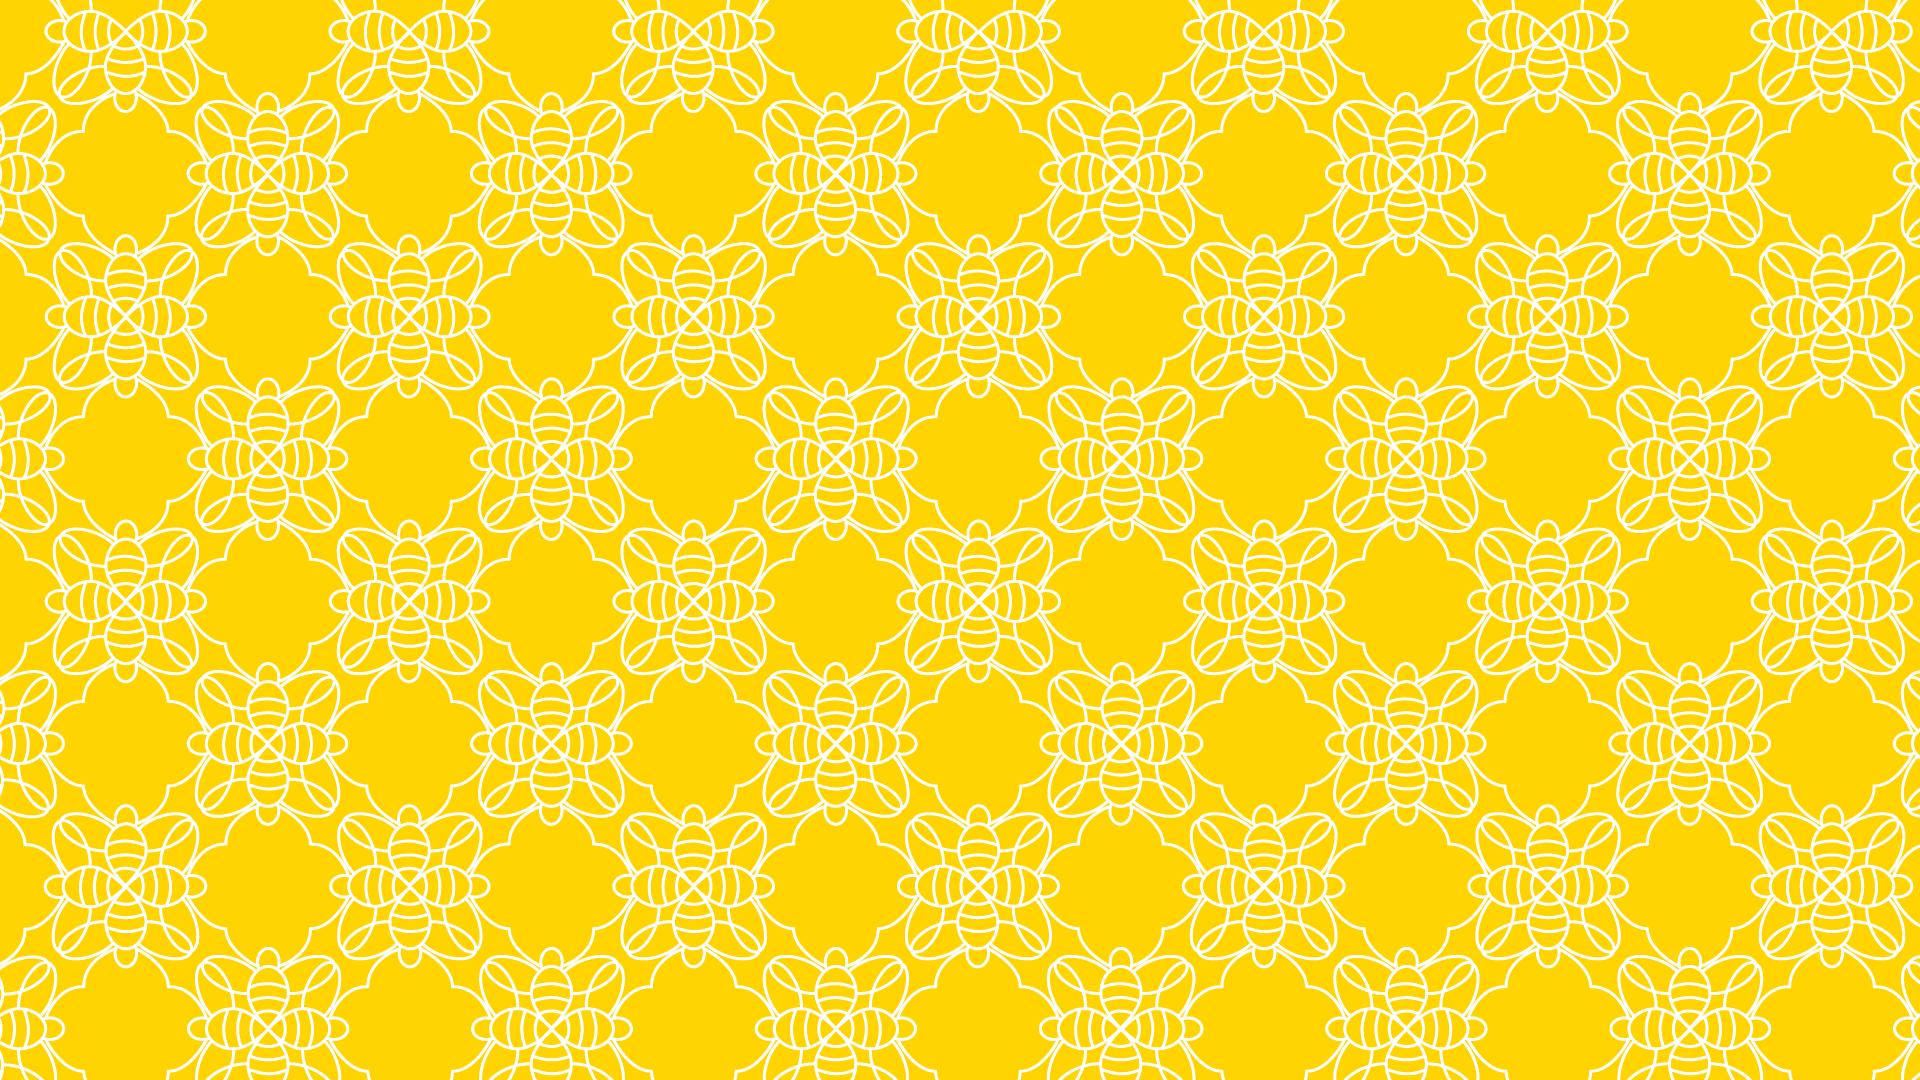 motif-le-ruche - clemence devienne